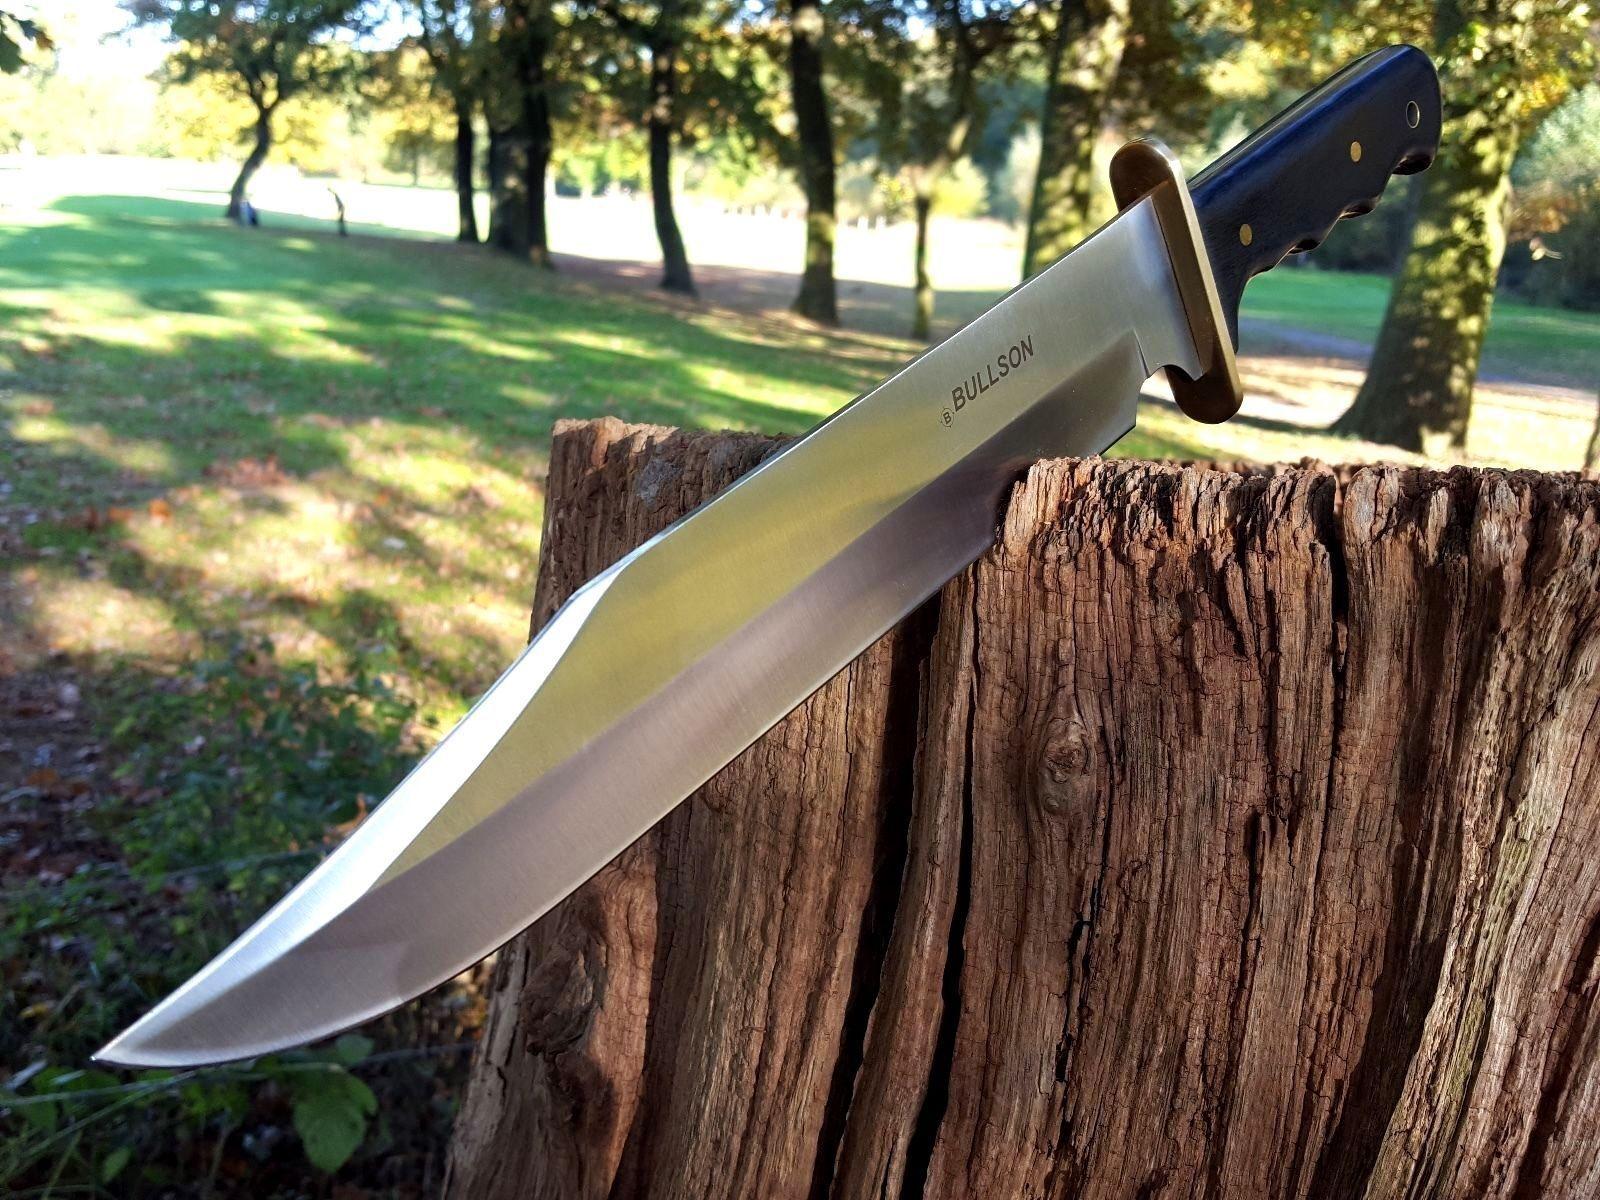 BULLSON USA BUSCHMESSER BOWIE KNIFE JAGDMESSER MACHETE MACHETTE MACETE MESSER